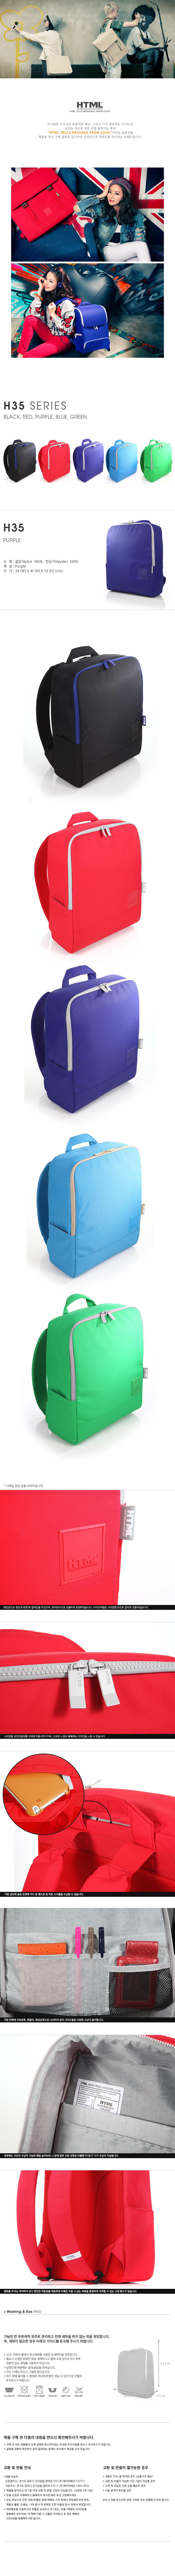 [에이치티엠엘]HTML - H35 backpack (Purple/Gray)_인기백팩